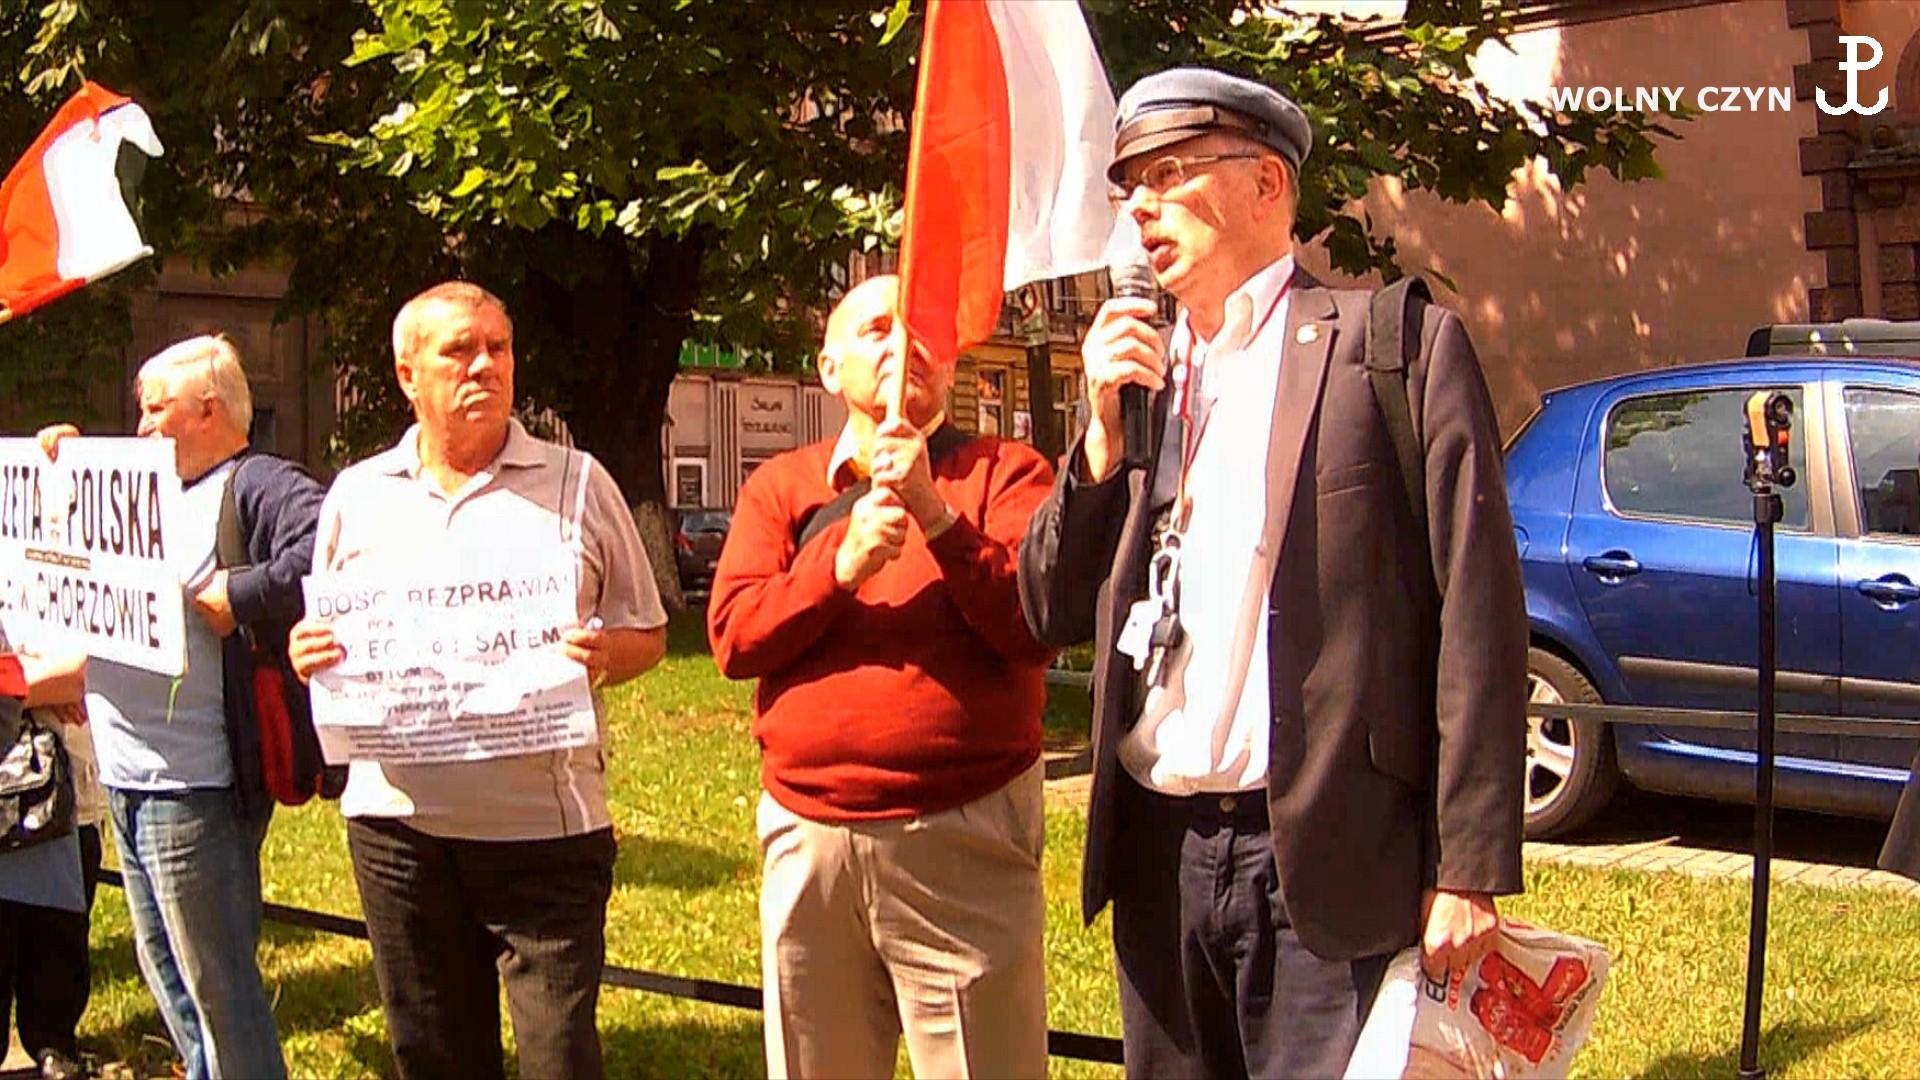 WOLNY CZYN: 6 lipca Bytom: proces przeciw patriotom umorzony!